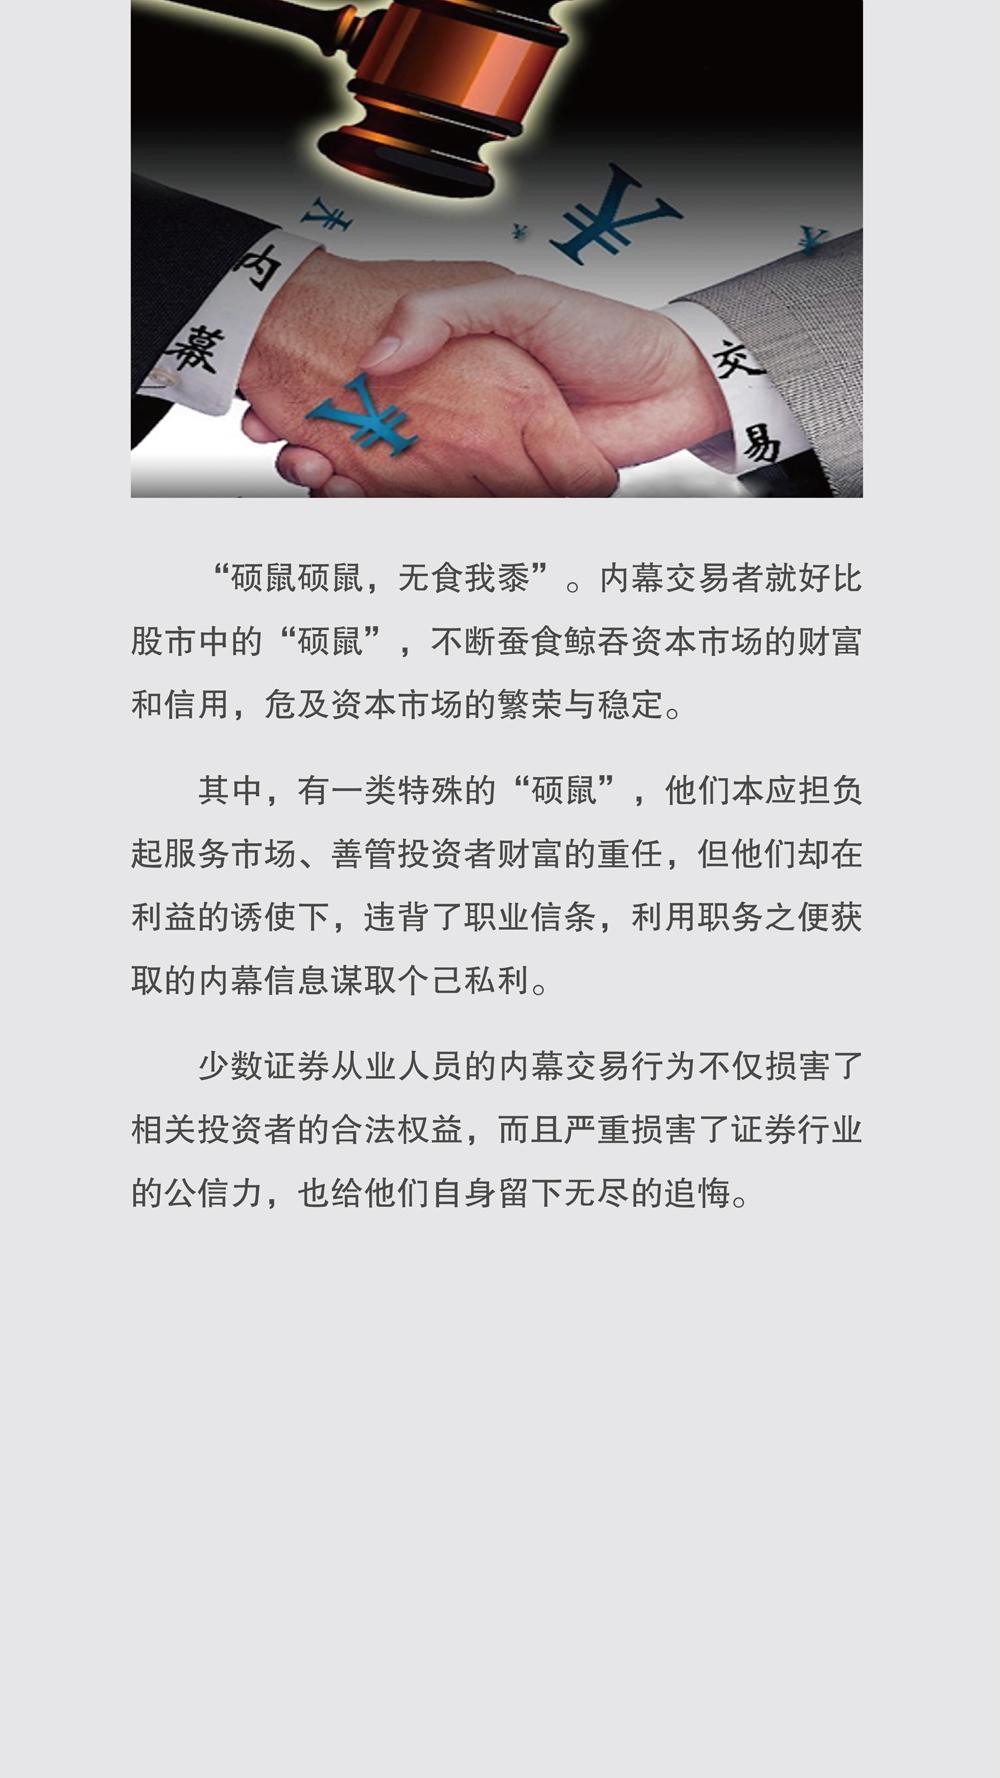 上海证监局内幕交易教育警示展29